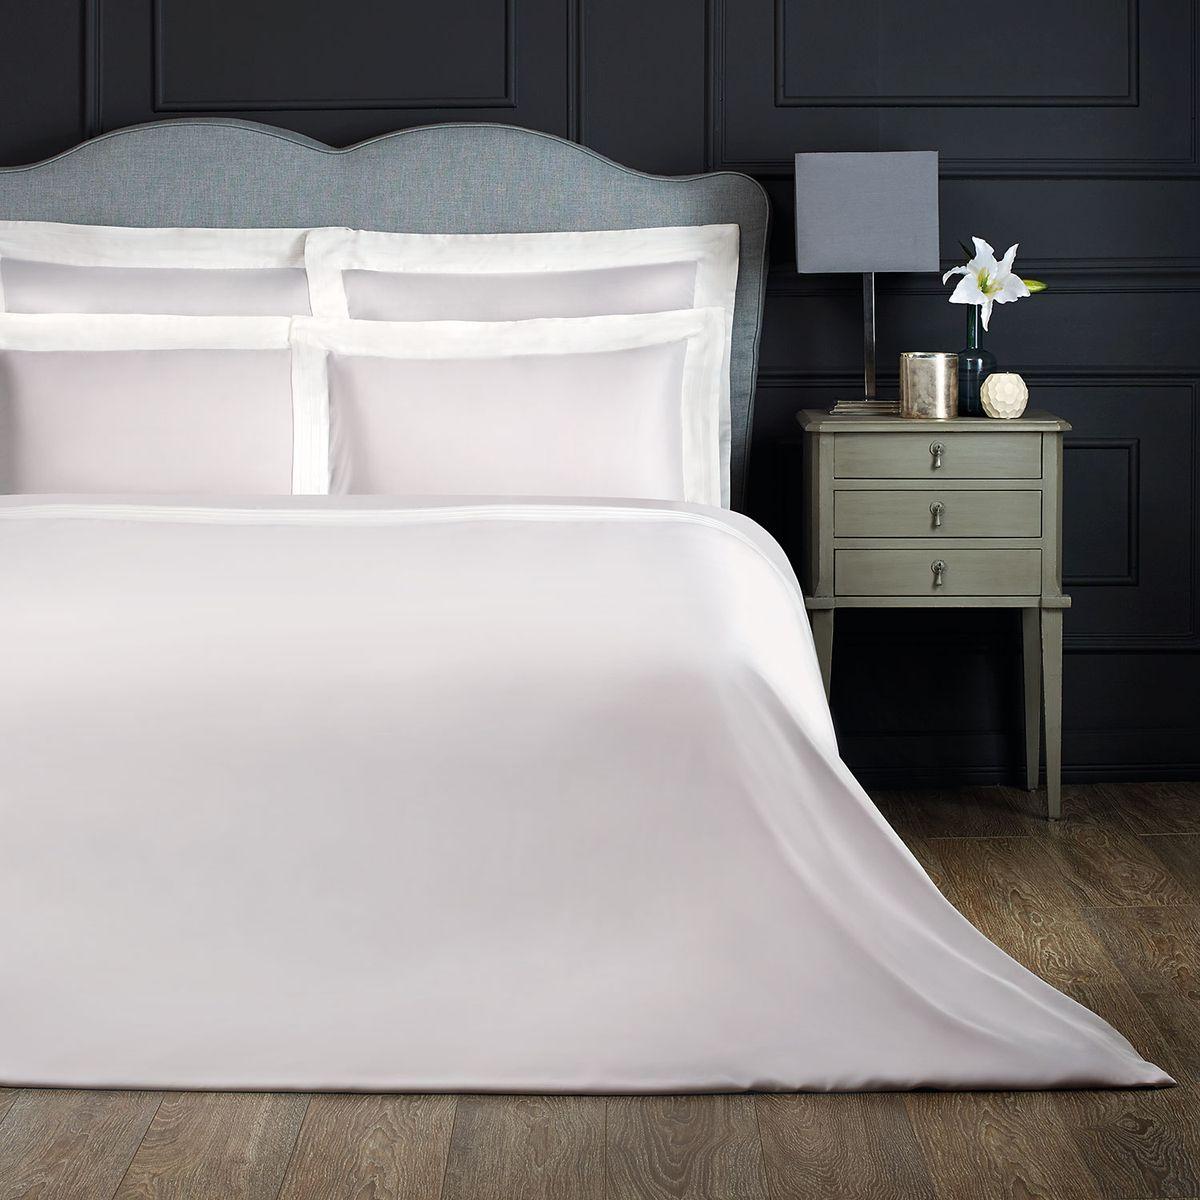 Комплект белья Togas Эдем, 1,5-спальный, наволочки 50х70, цвет: серый, белыйCA-3505Комплект постельного белья Togas Эдем, выполненный из 100% бамбукового волокна, состоит из пододеяльника, простыни и двух наволочек. Изделия имеют классический крой. Бамбуковое волокно - регенерированное целлюлозное волокно, изготовленное из стебля бамбука.Комплект постельного белья Togas Эдем гармонично впишется в интерьер вашей спальни и создаст атмосферу уюта и комфорта.